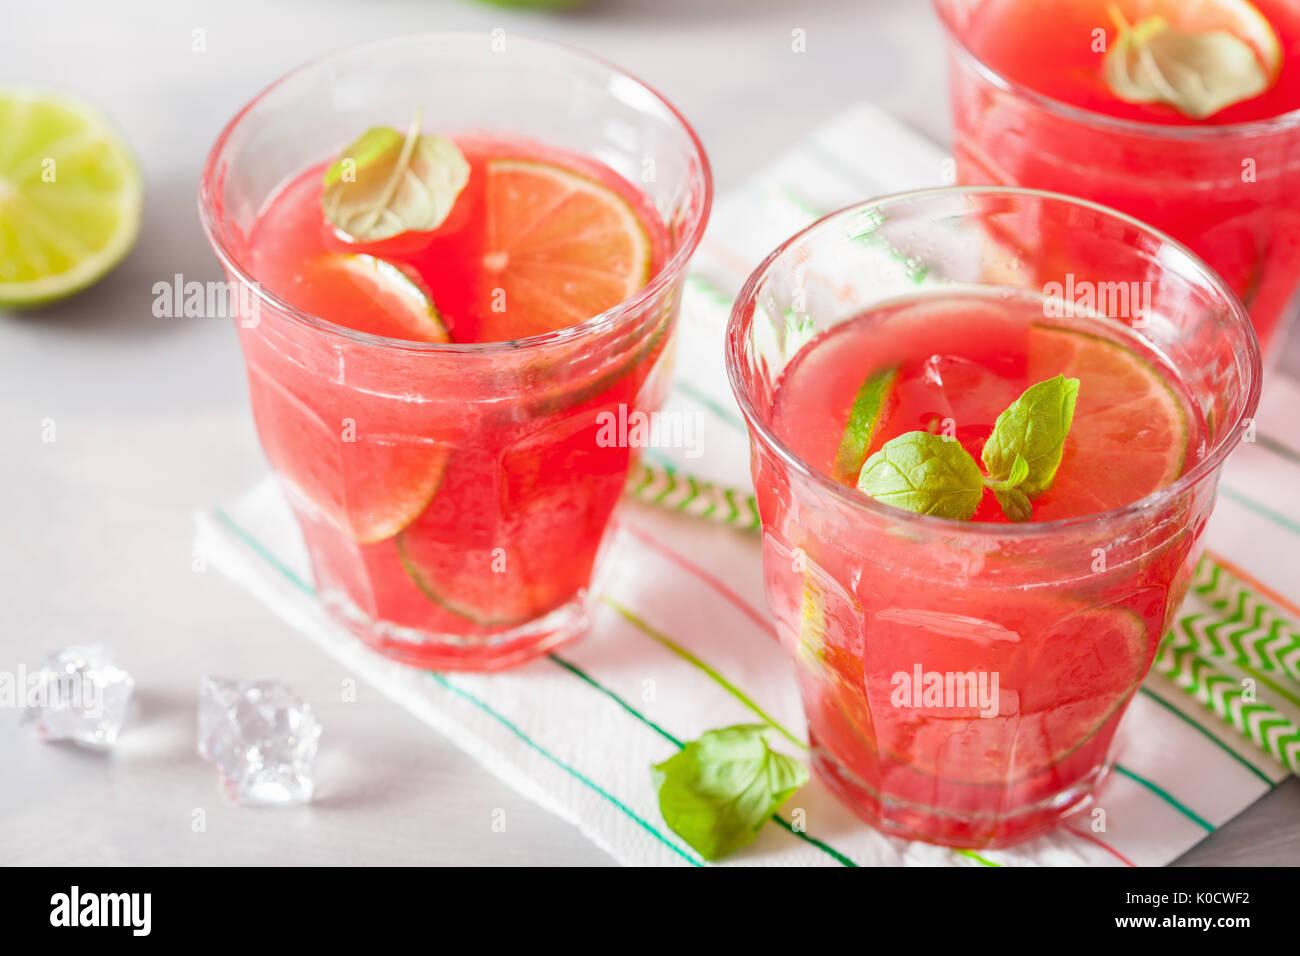 Watermelon limonade à la lime et à la menthe, boisson rafraîchissante de l'été Photo Stock